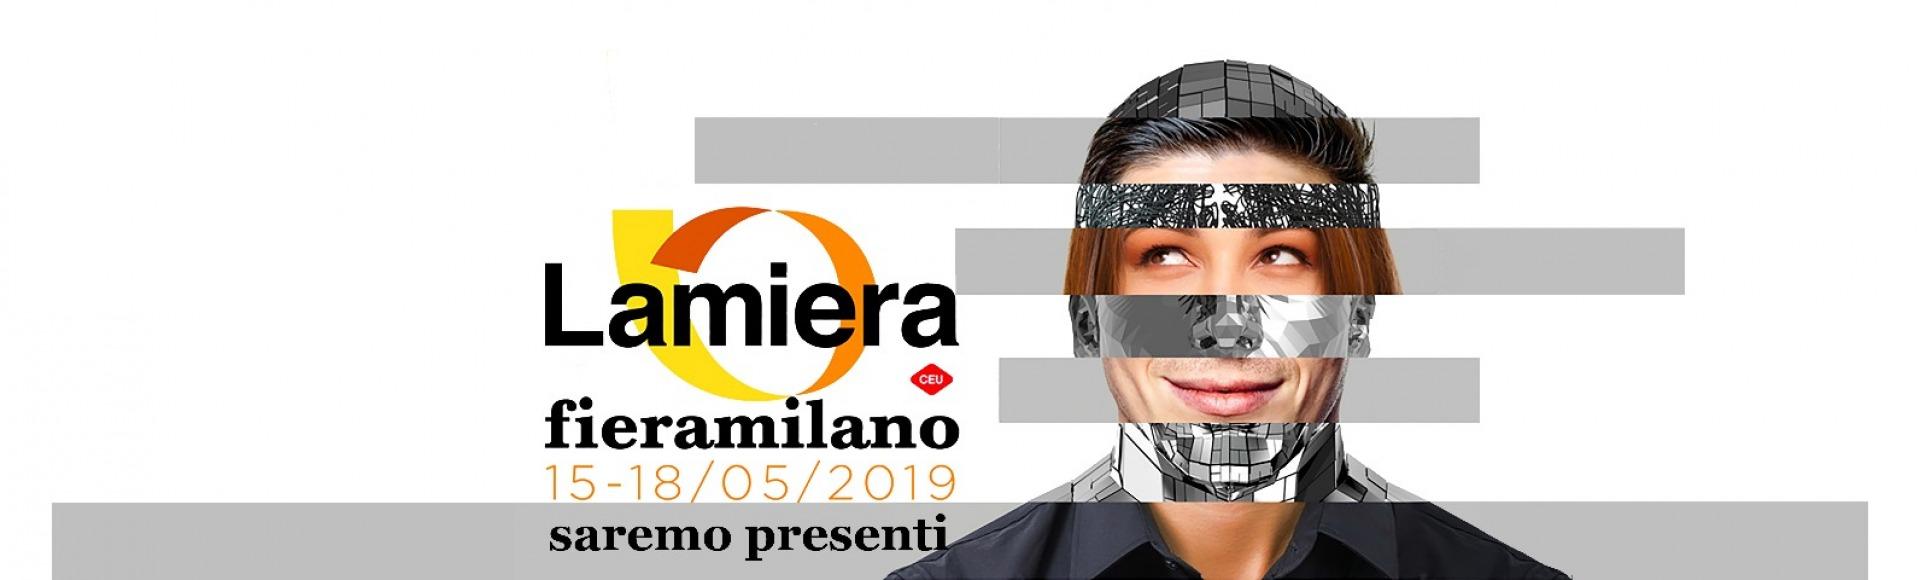 Lamiera - Fieramilano